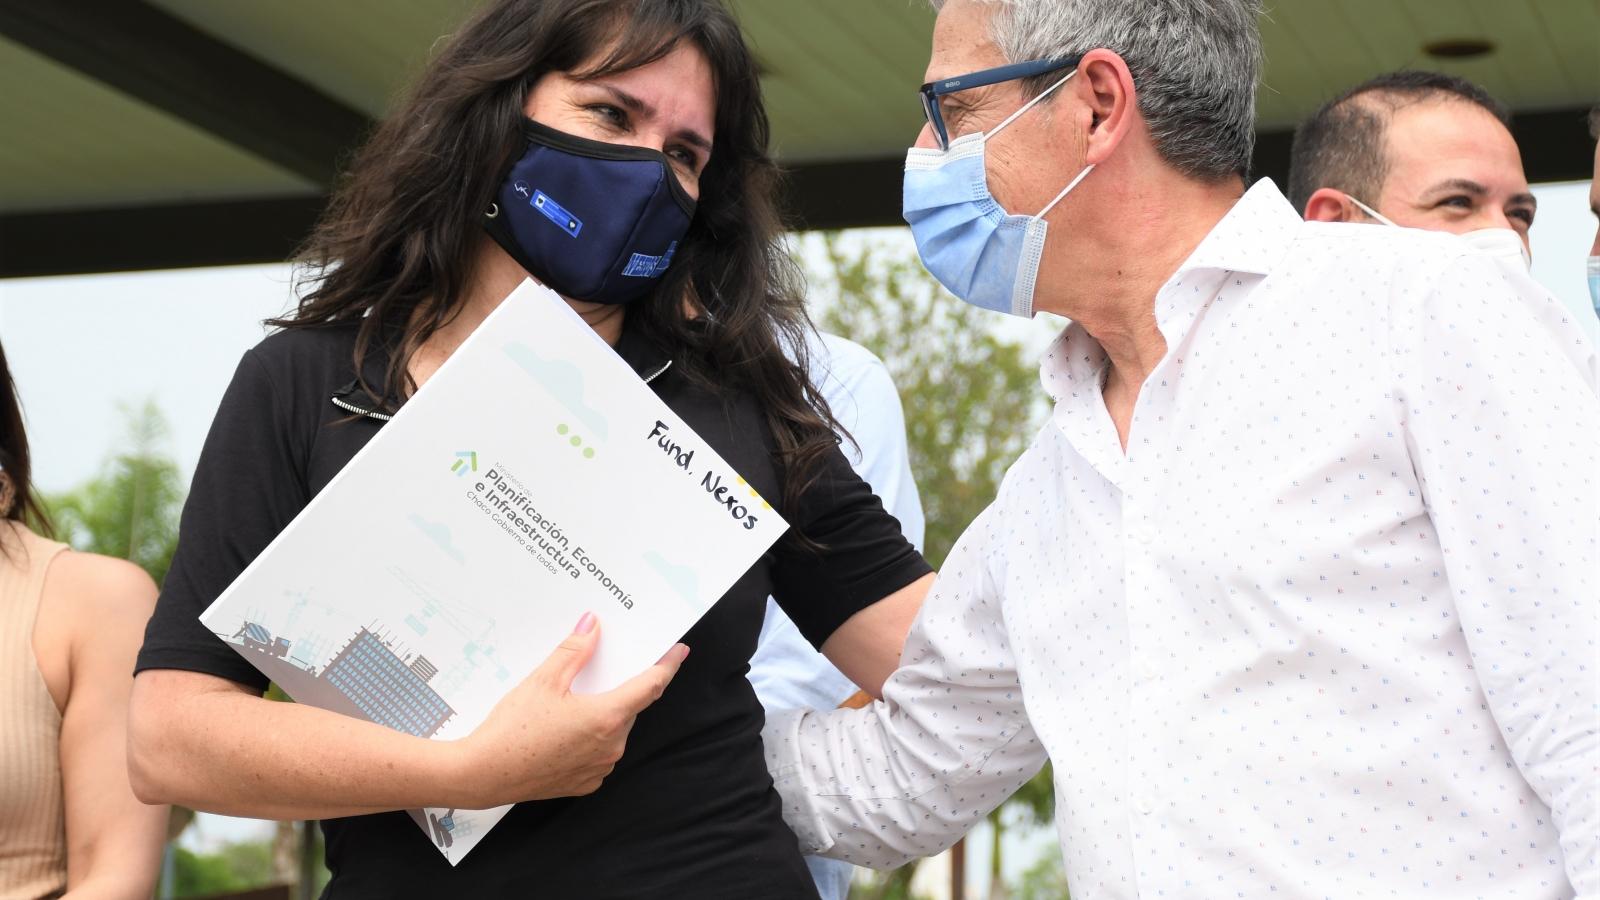 El presidente Lorenzo entregando la tarjeta del Programa Tuya Reactiva